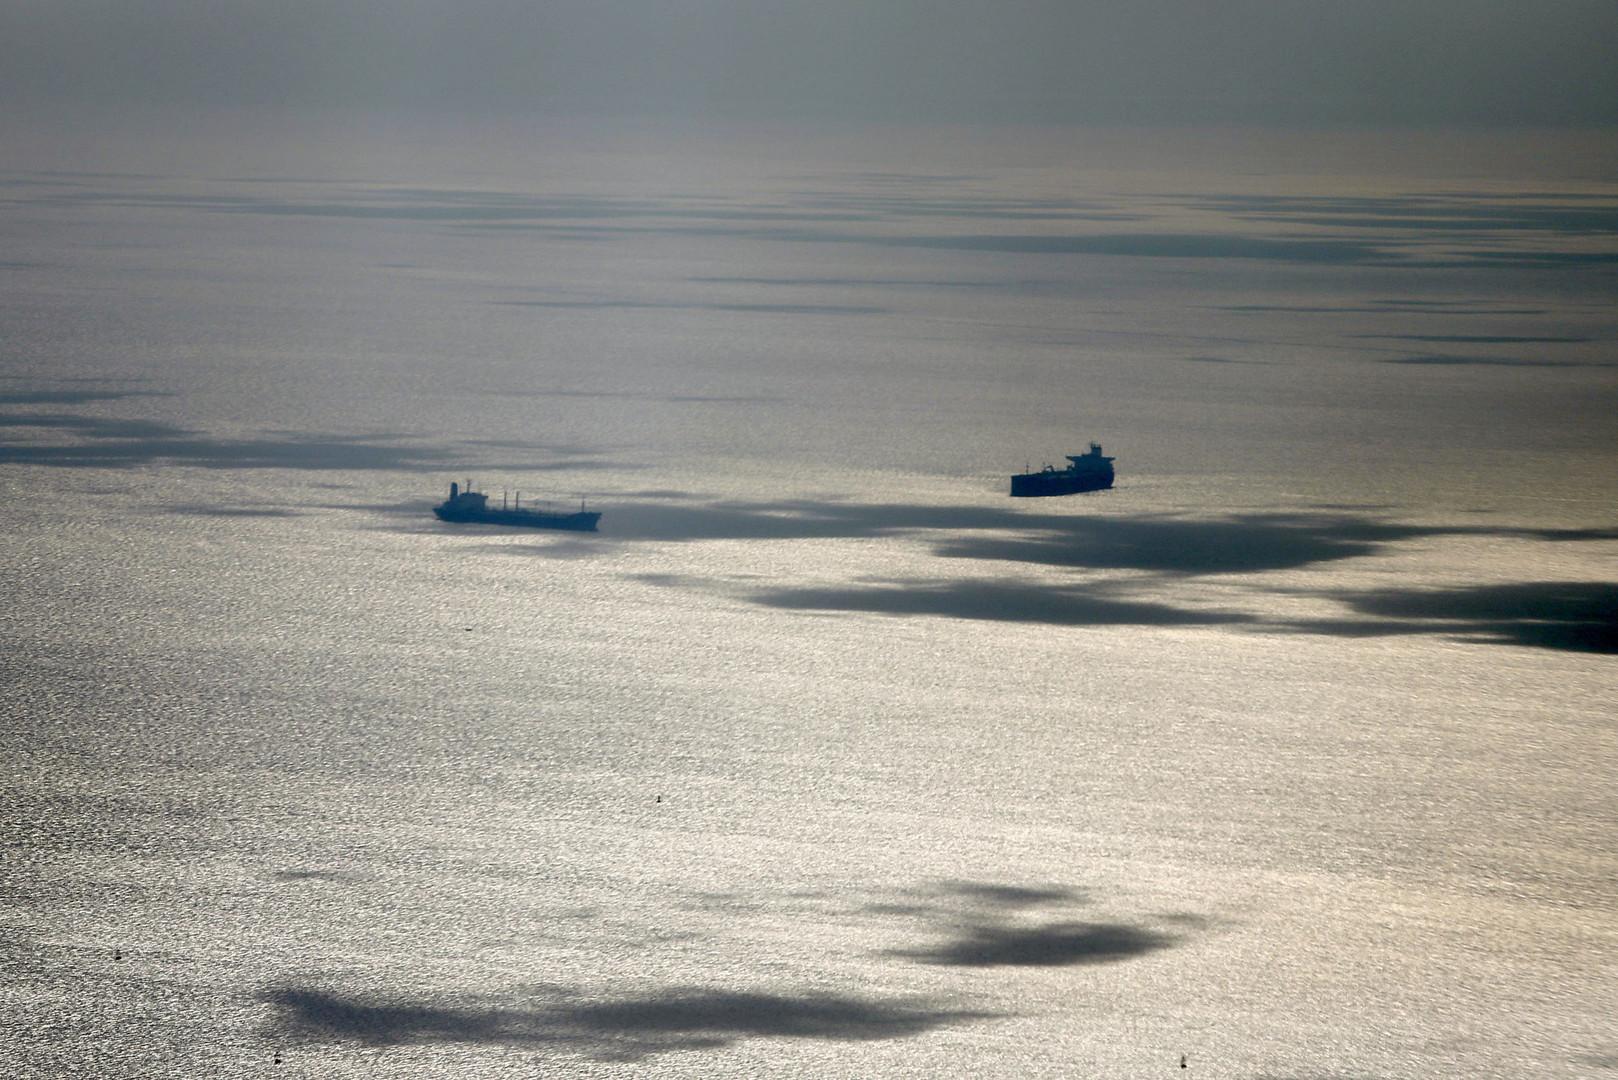 قلق دولي من إعلان الصين حالة تأهب قصوى لسفنها في مضيق استراتيجي